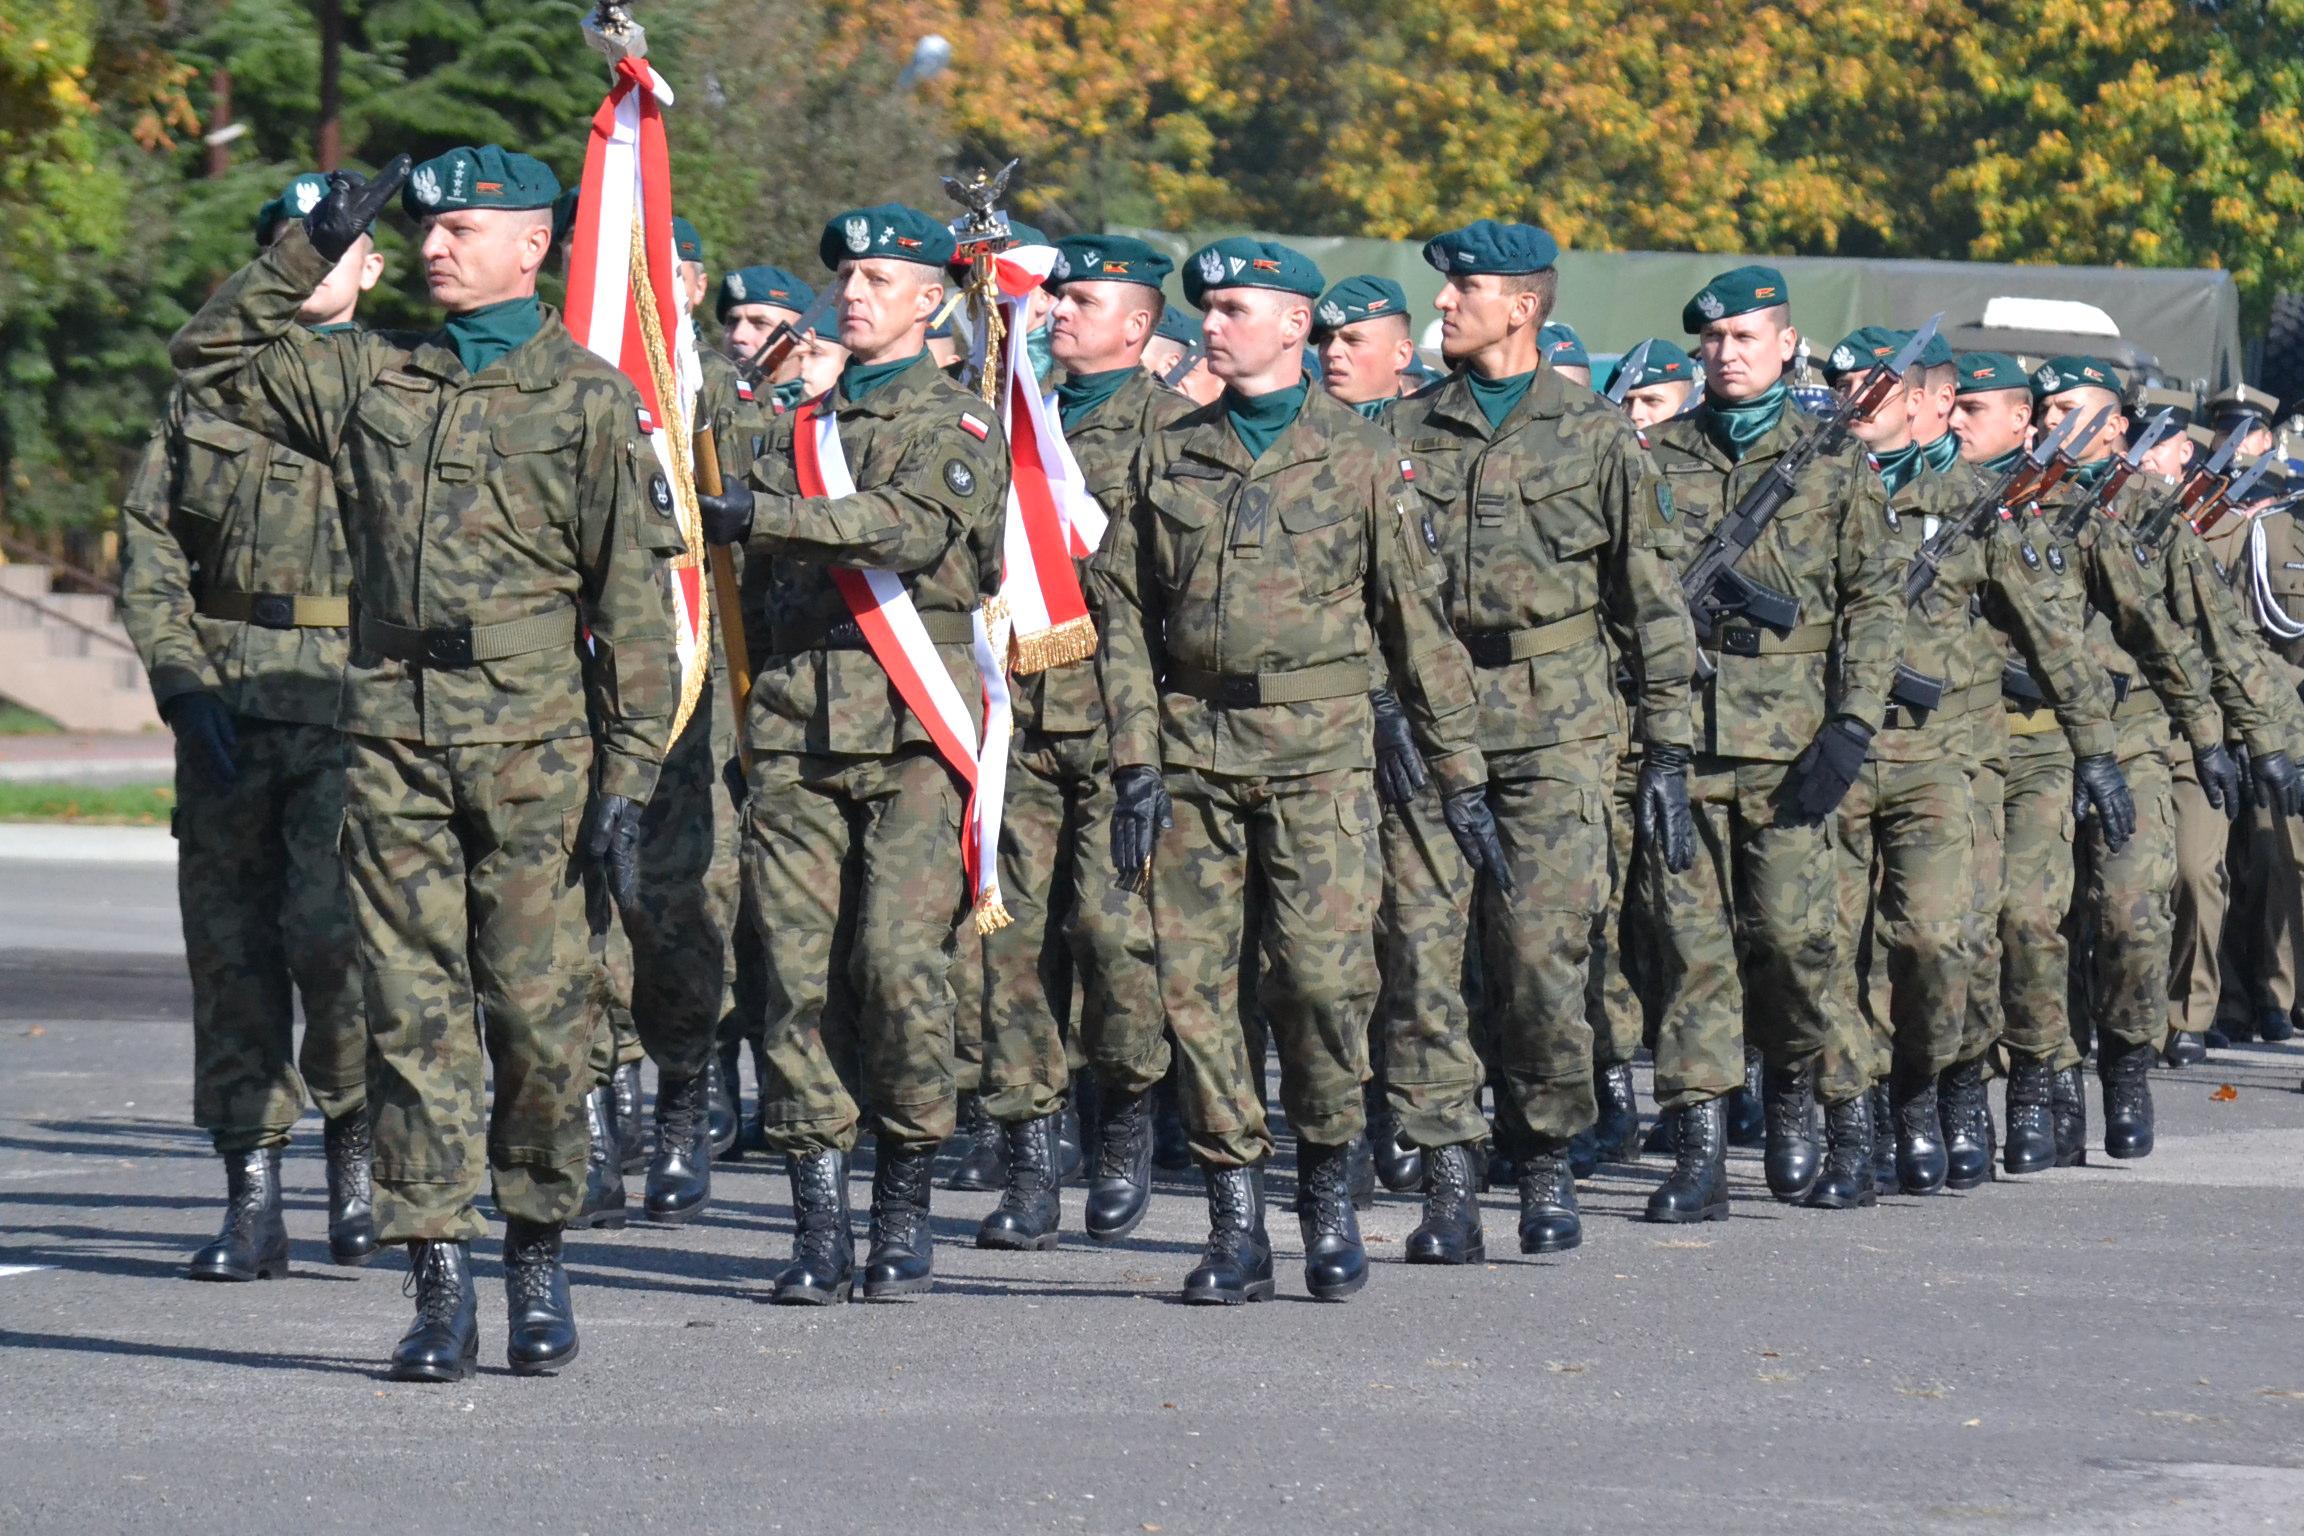 Wojsko zaprasza na wspólne świętowanie